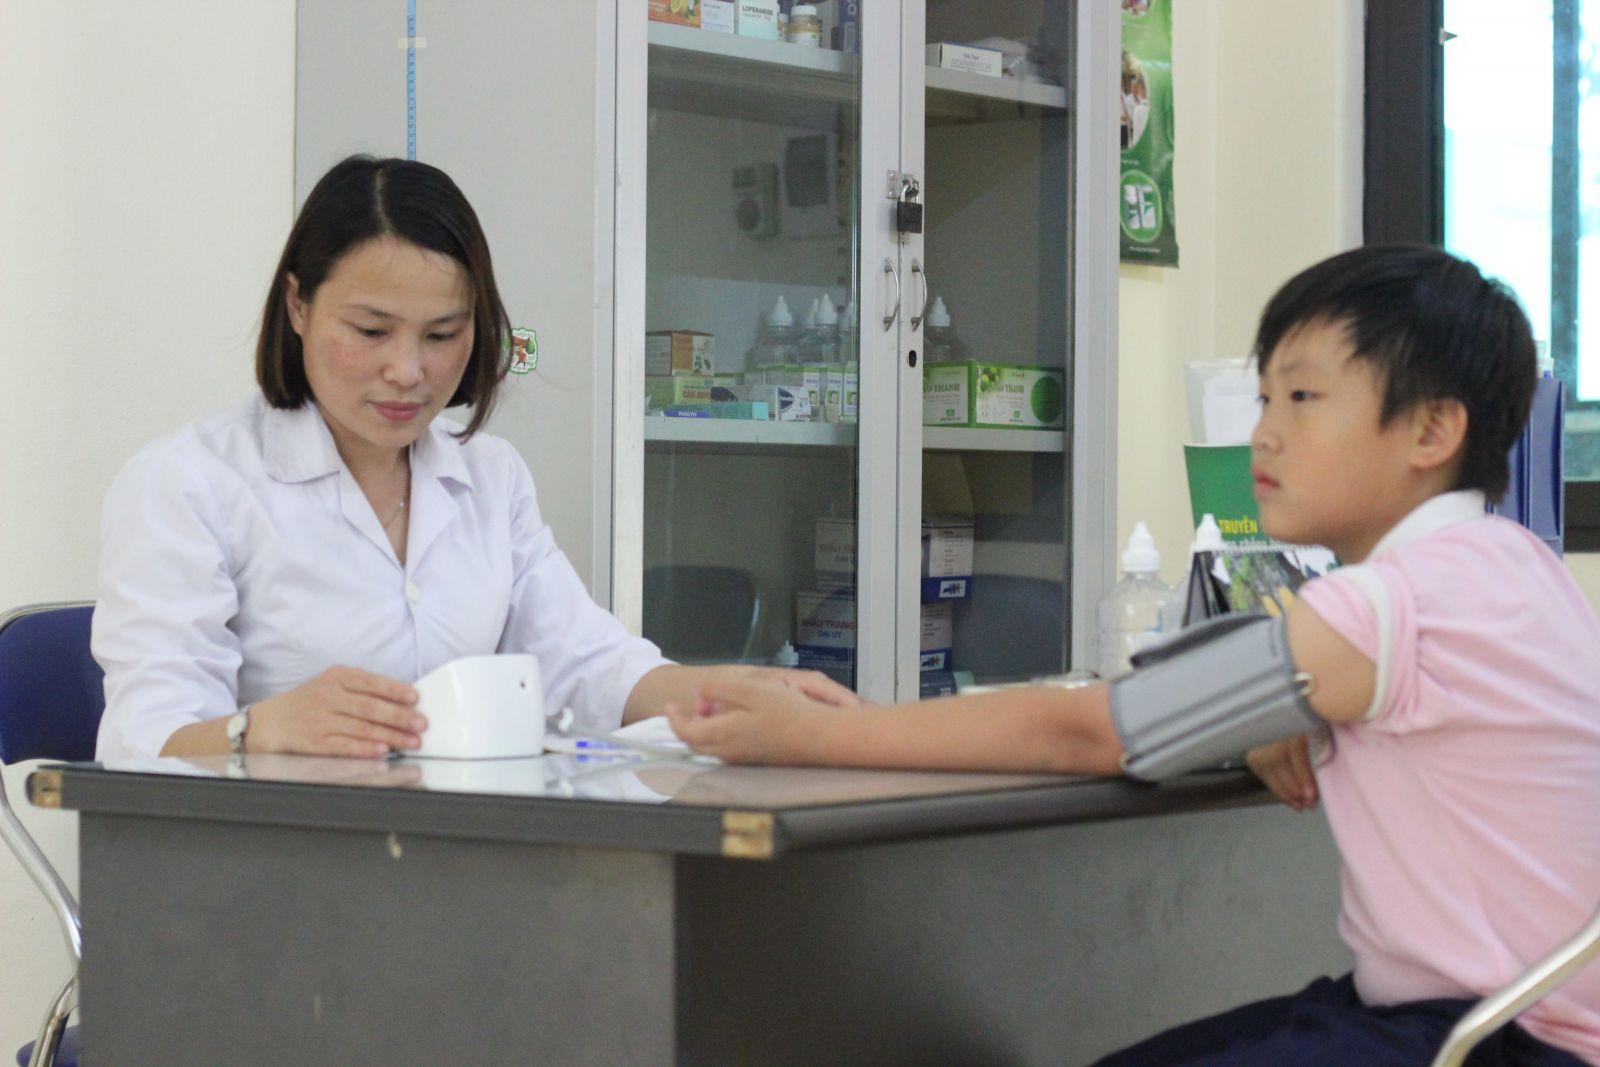 Cơ sở vật chất Trường Tiểu học Lômônôxốp, quận Nam Từ Liêm, Hà Nội (Ảnh: website trường)